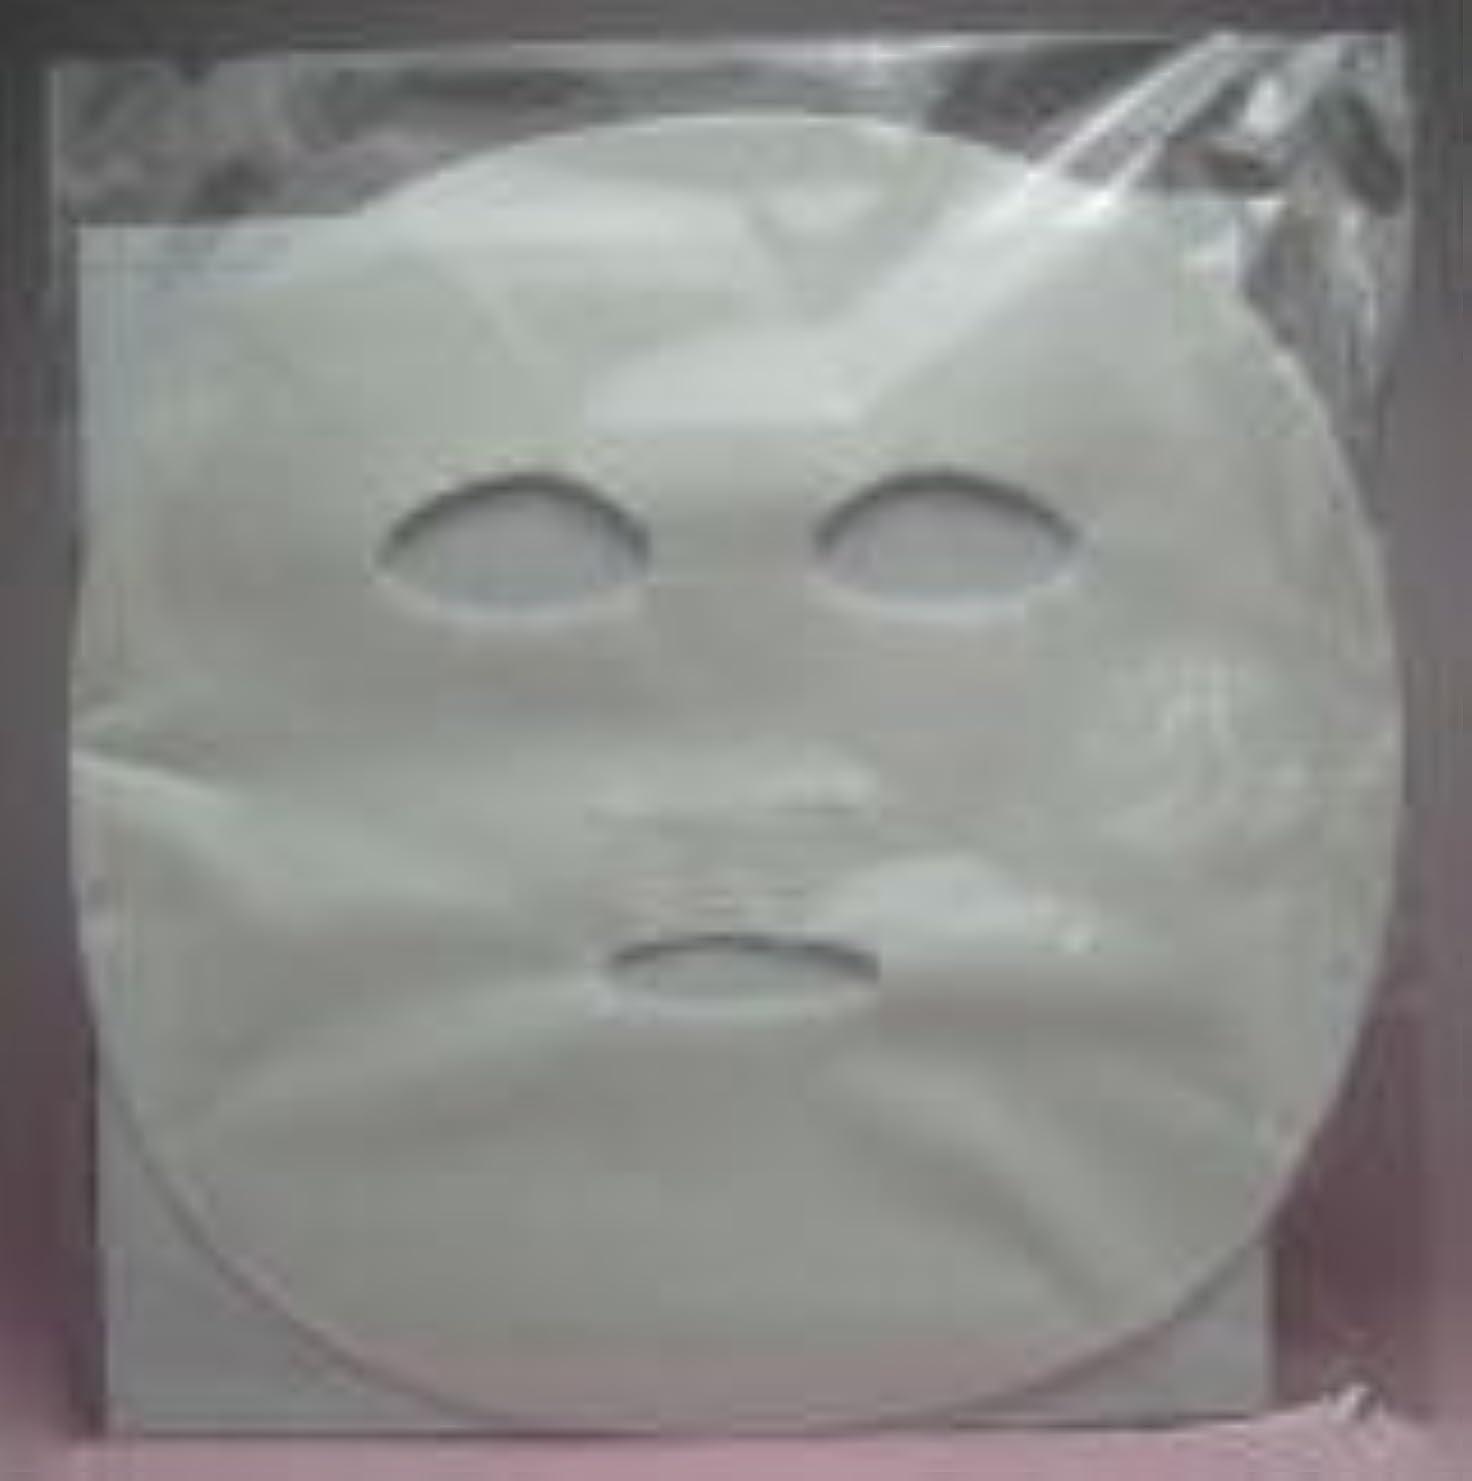 苛性集団したいオリーブマノン オリーブ スキンケアマスク 100枚